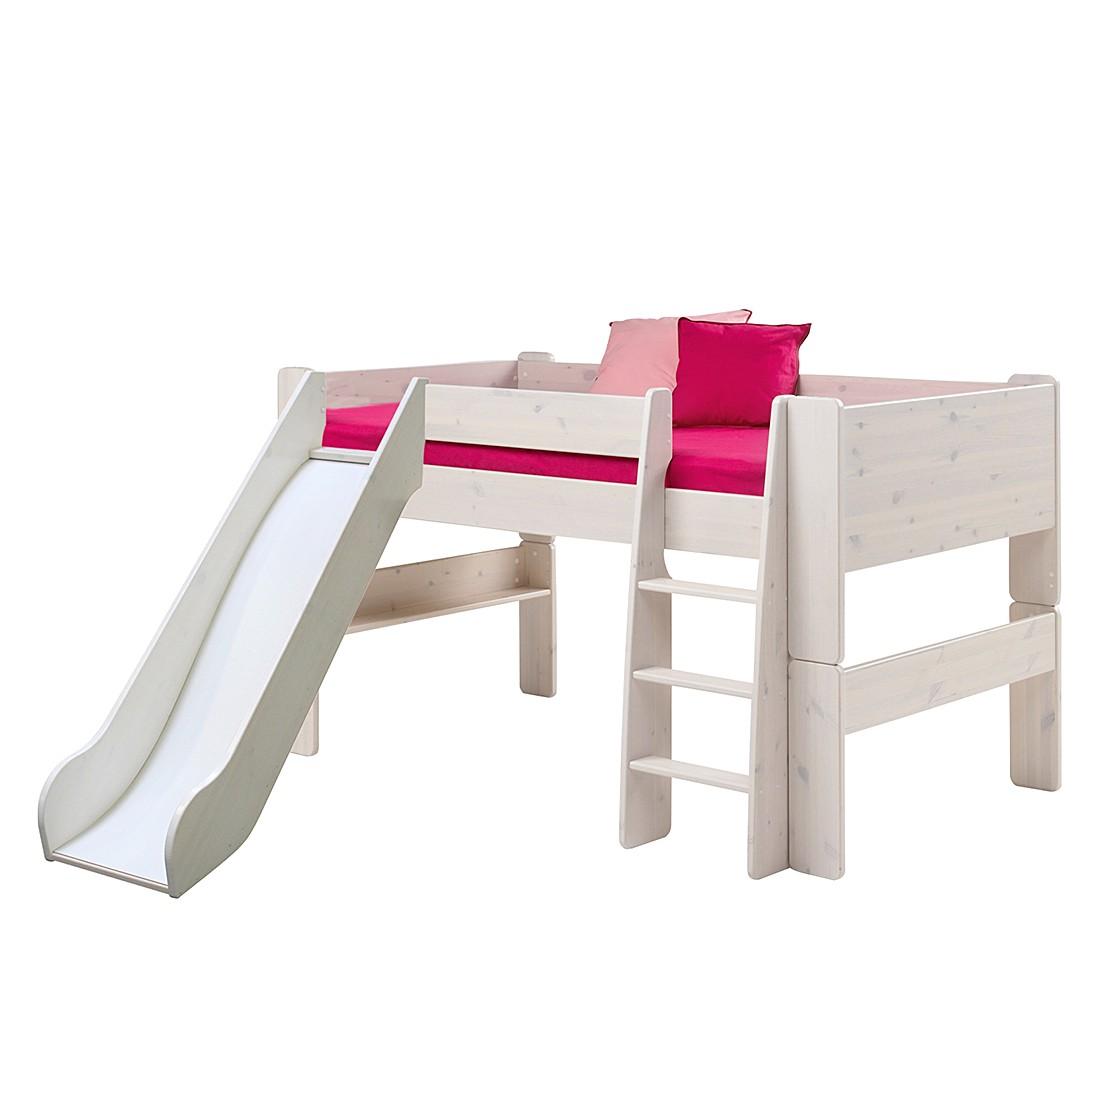 Halbhochbett Steens for Kids (mit Rutsche) – Kiefer massiv – White Wash, Steens günstig